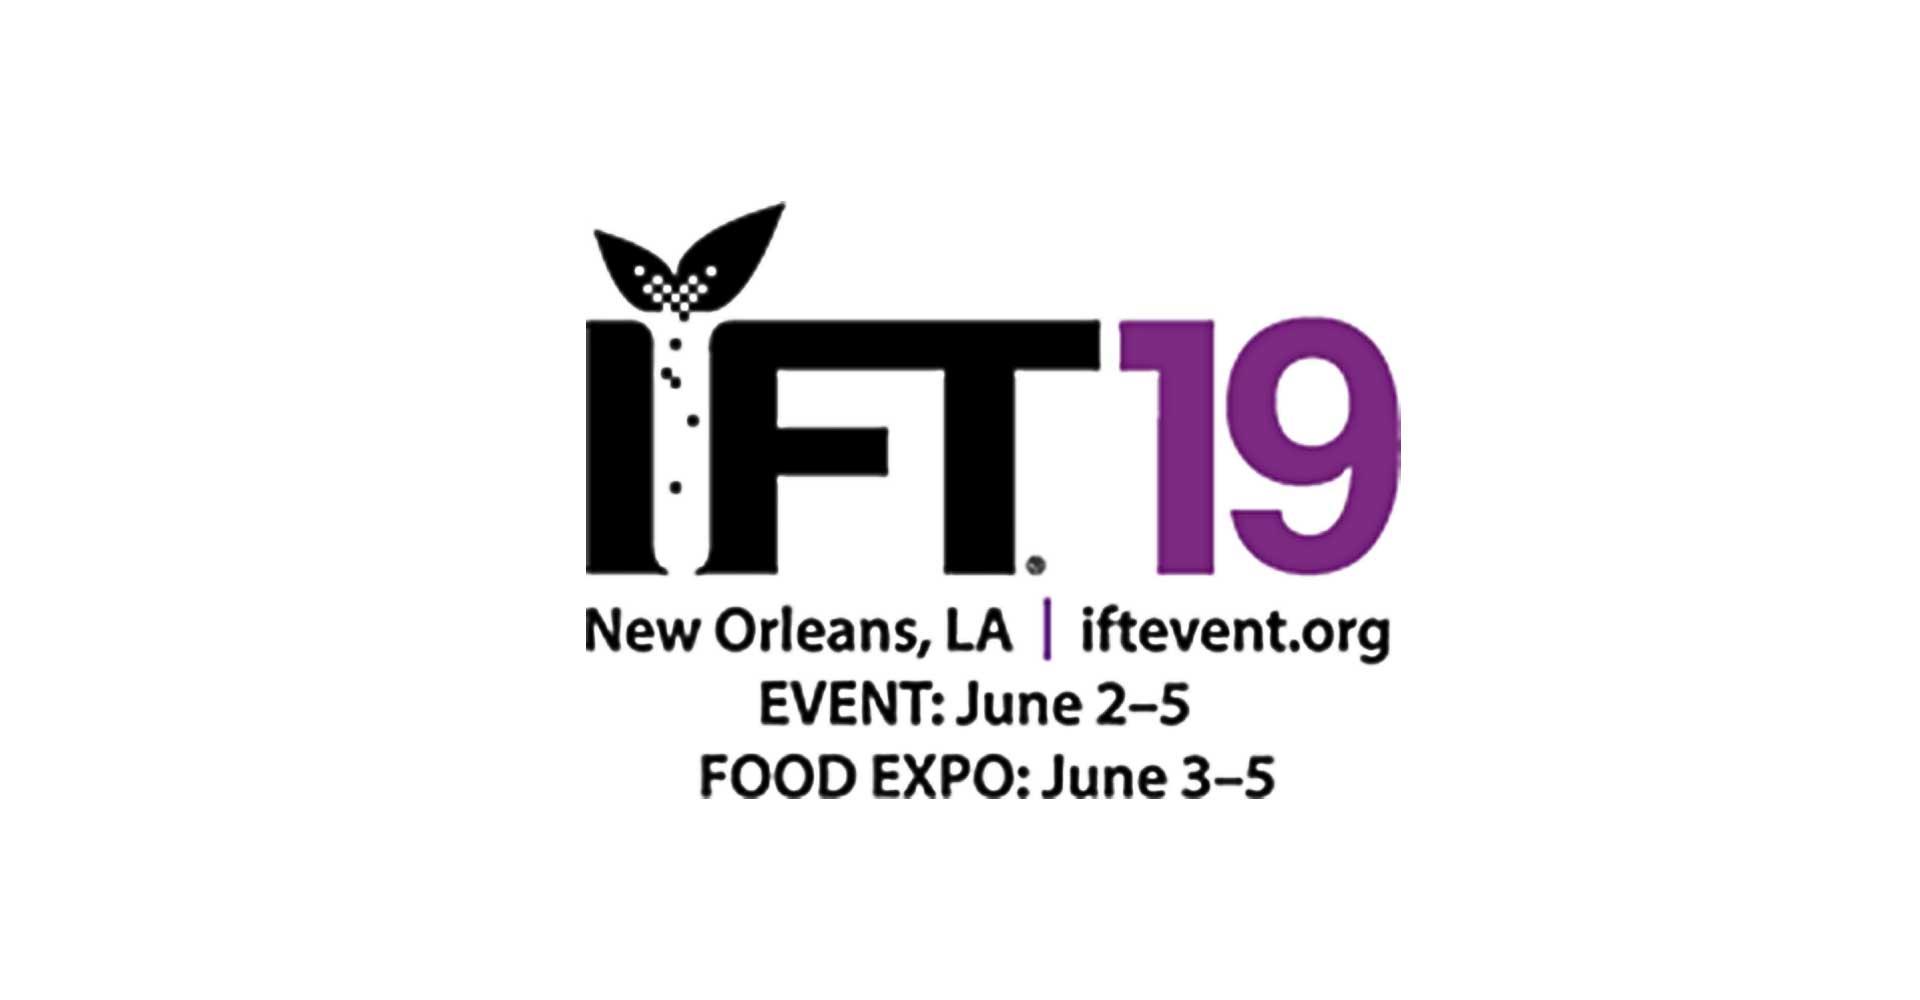 IFT2019 New Orleans, LA. 2019.06.03-05